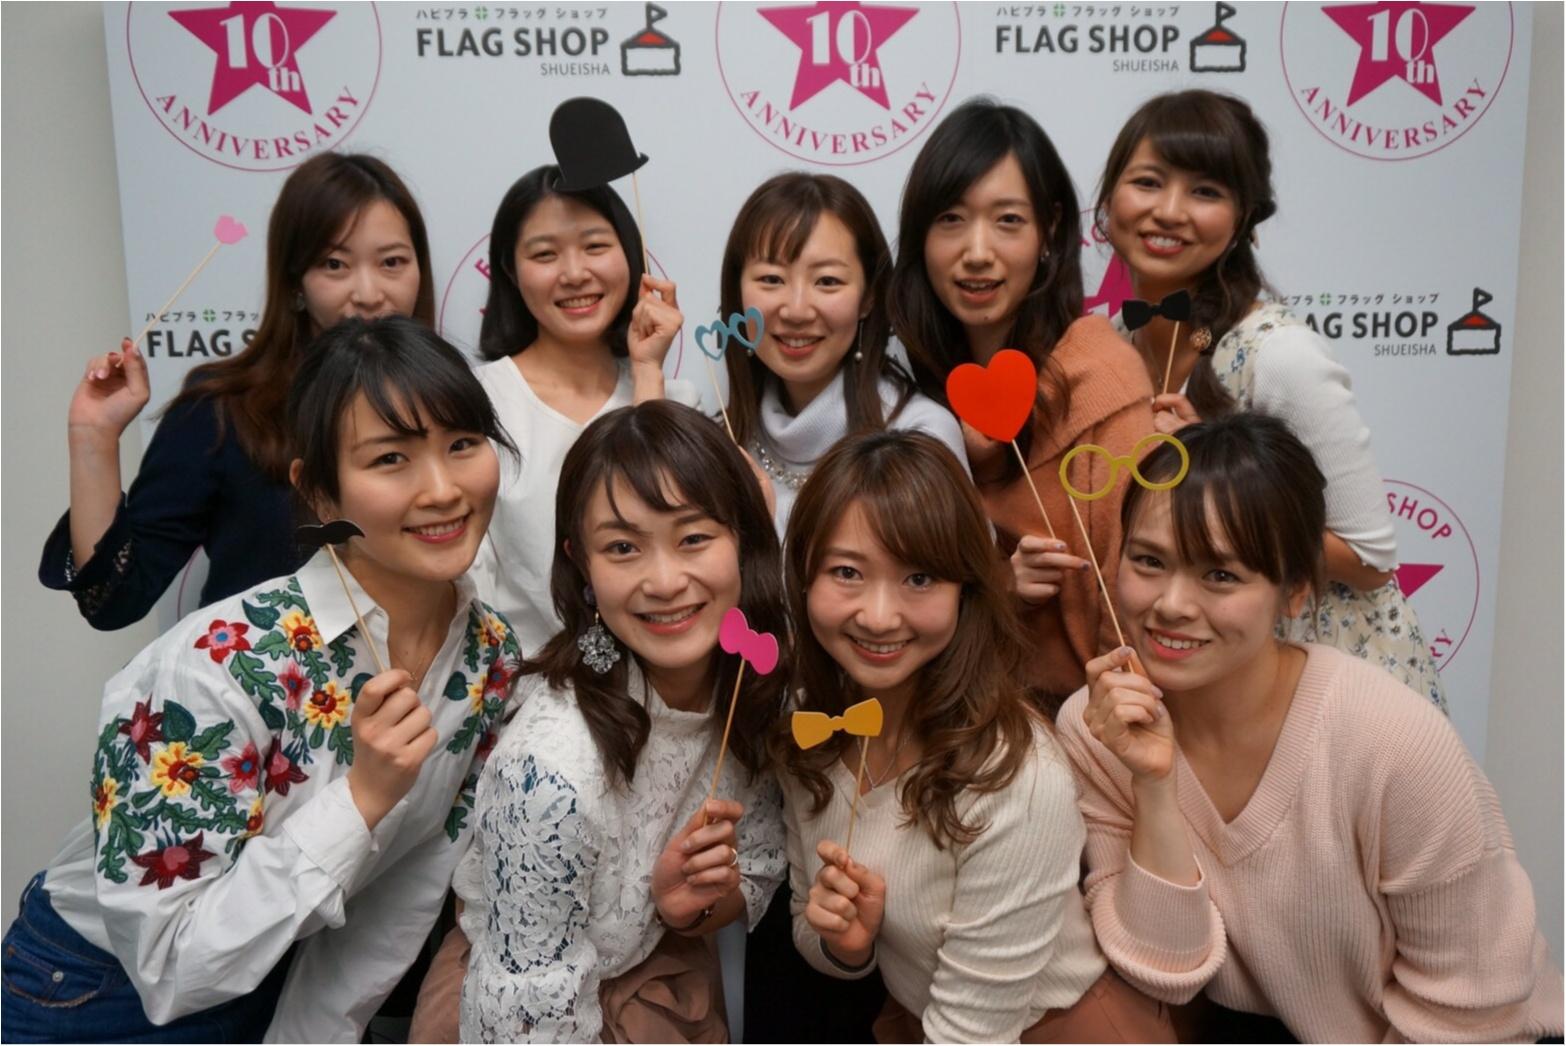 おめでとう〜★FLAGSHOP10th★佐藤ありさトークショーも♡モアハピ部のみんなと参加させていただきました^ ^_14